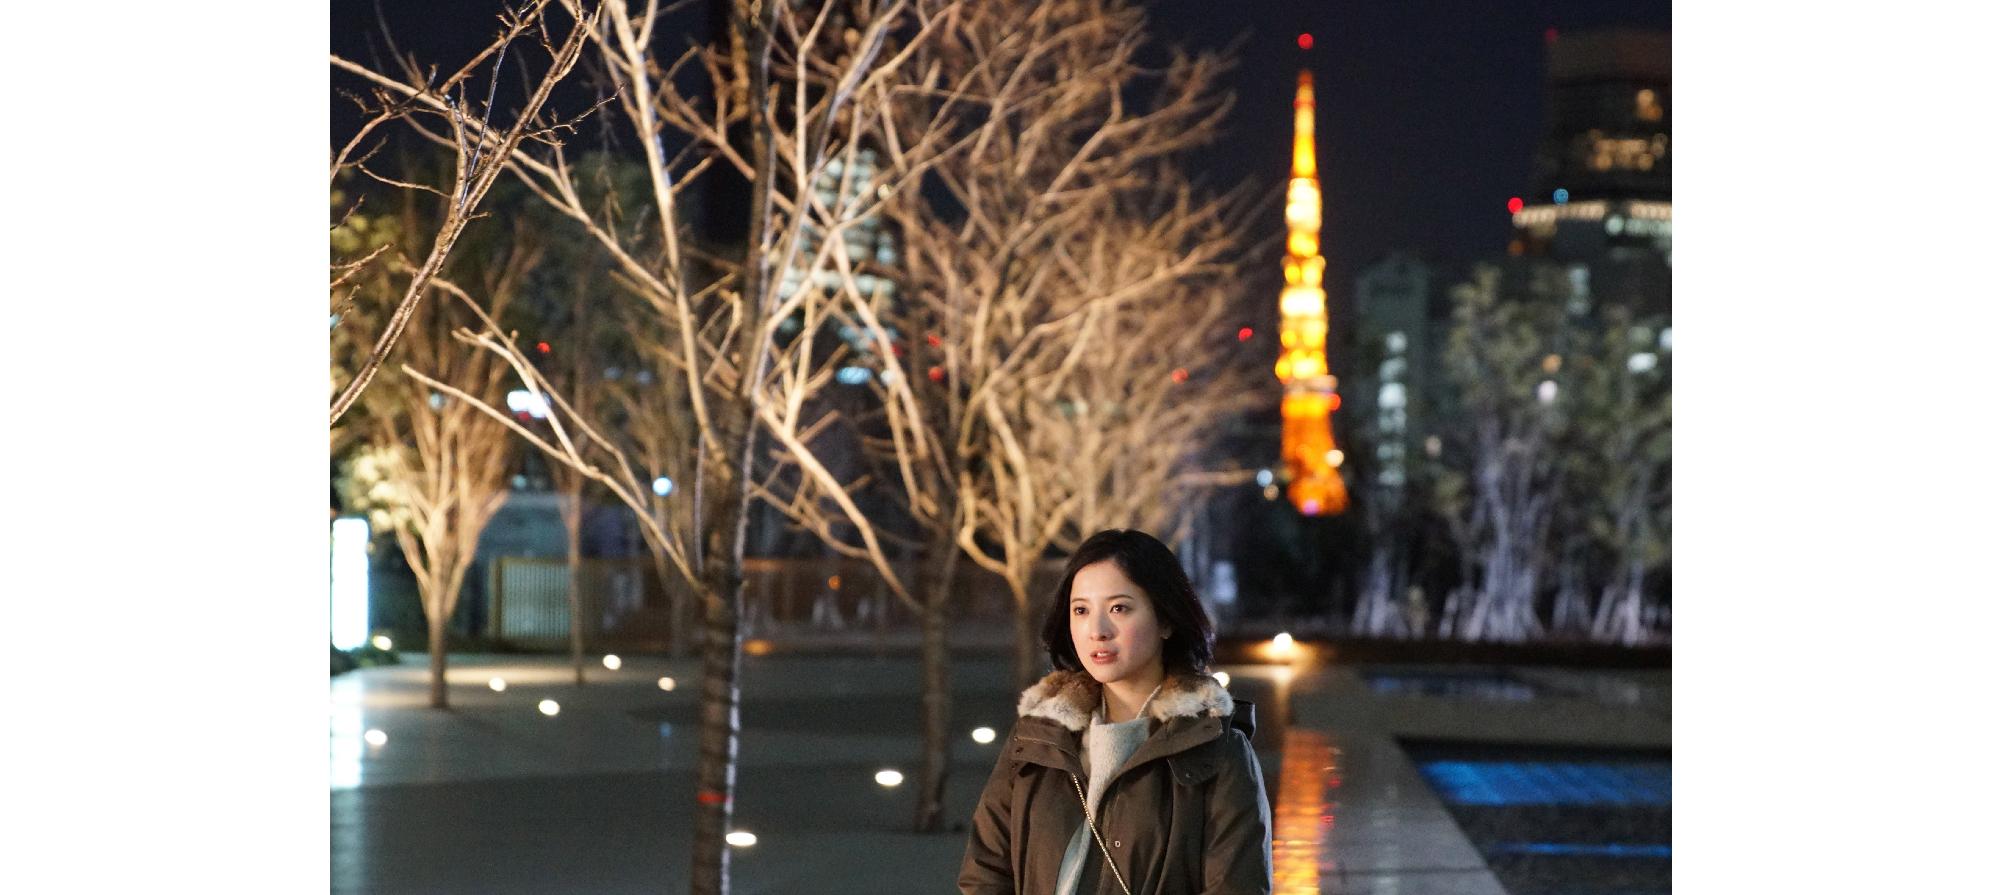 30世代女性的共鳴故事 - 東京白日夢女